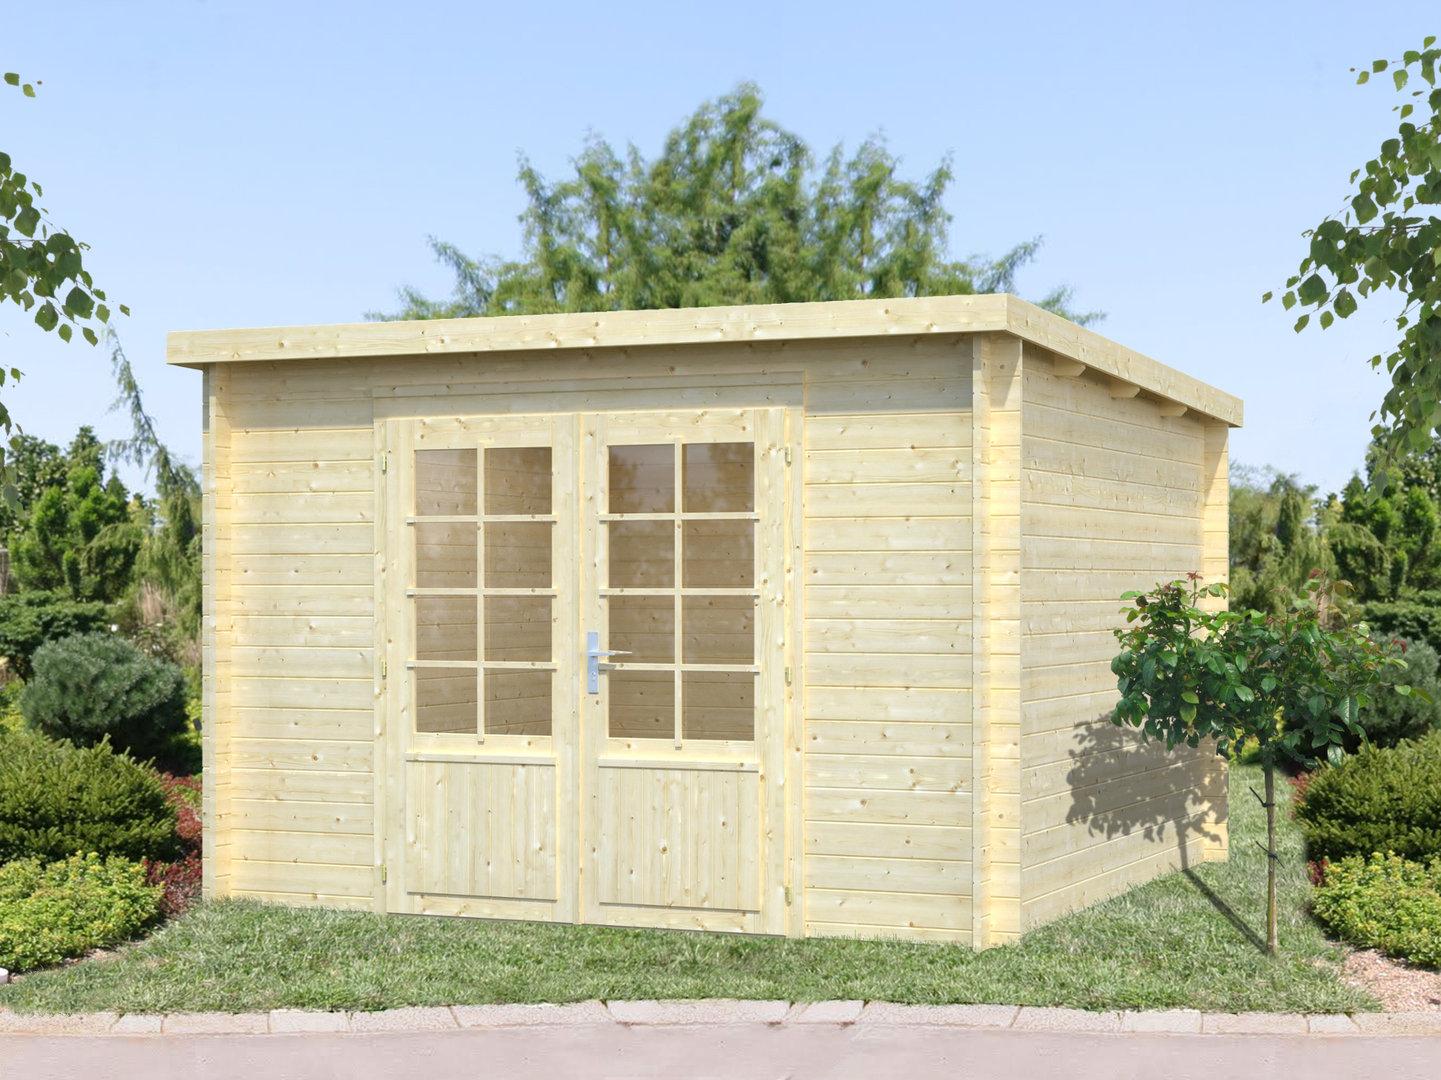 gartenhaus modern malina 2b sams gartenhaus shop. Black Bedroom Furniture Sets. Home Design Ideas